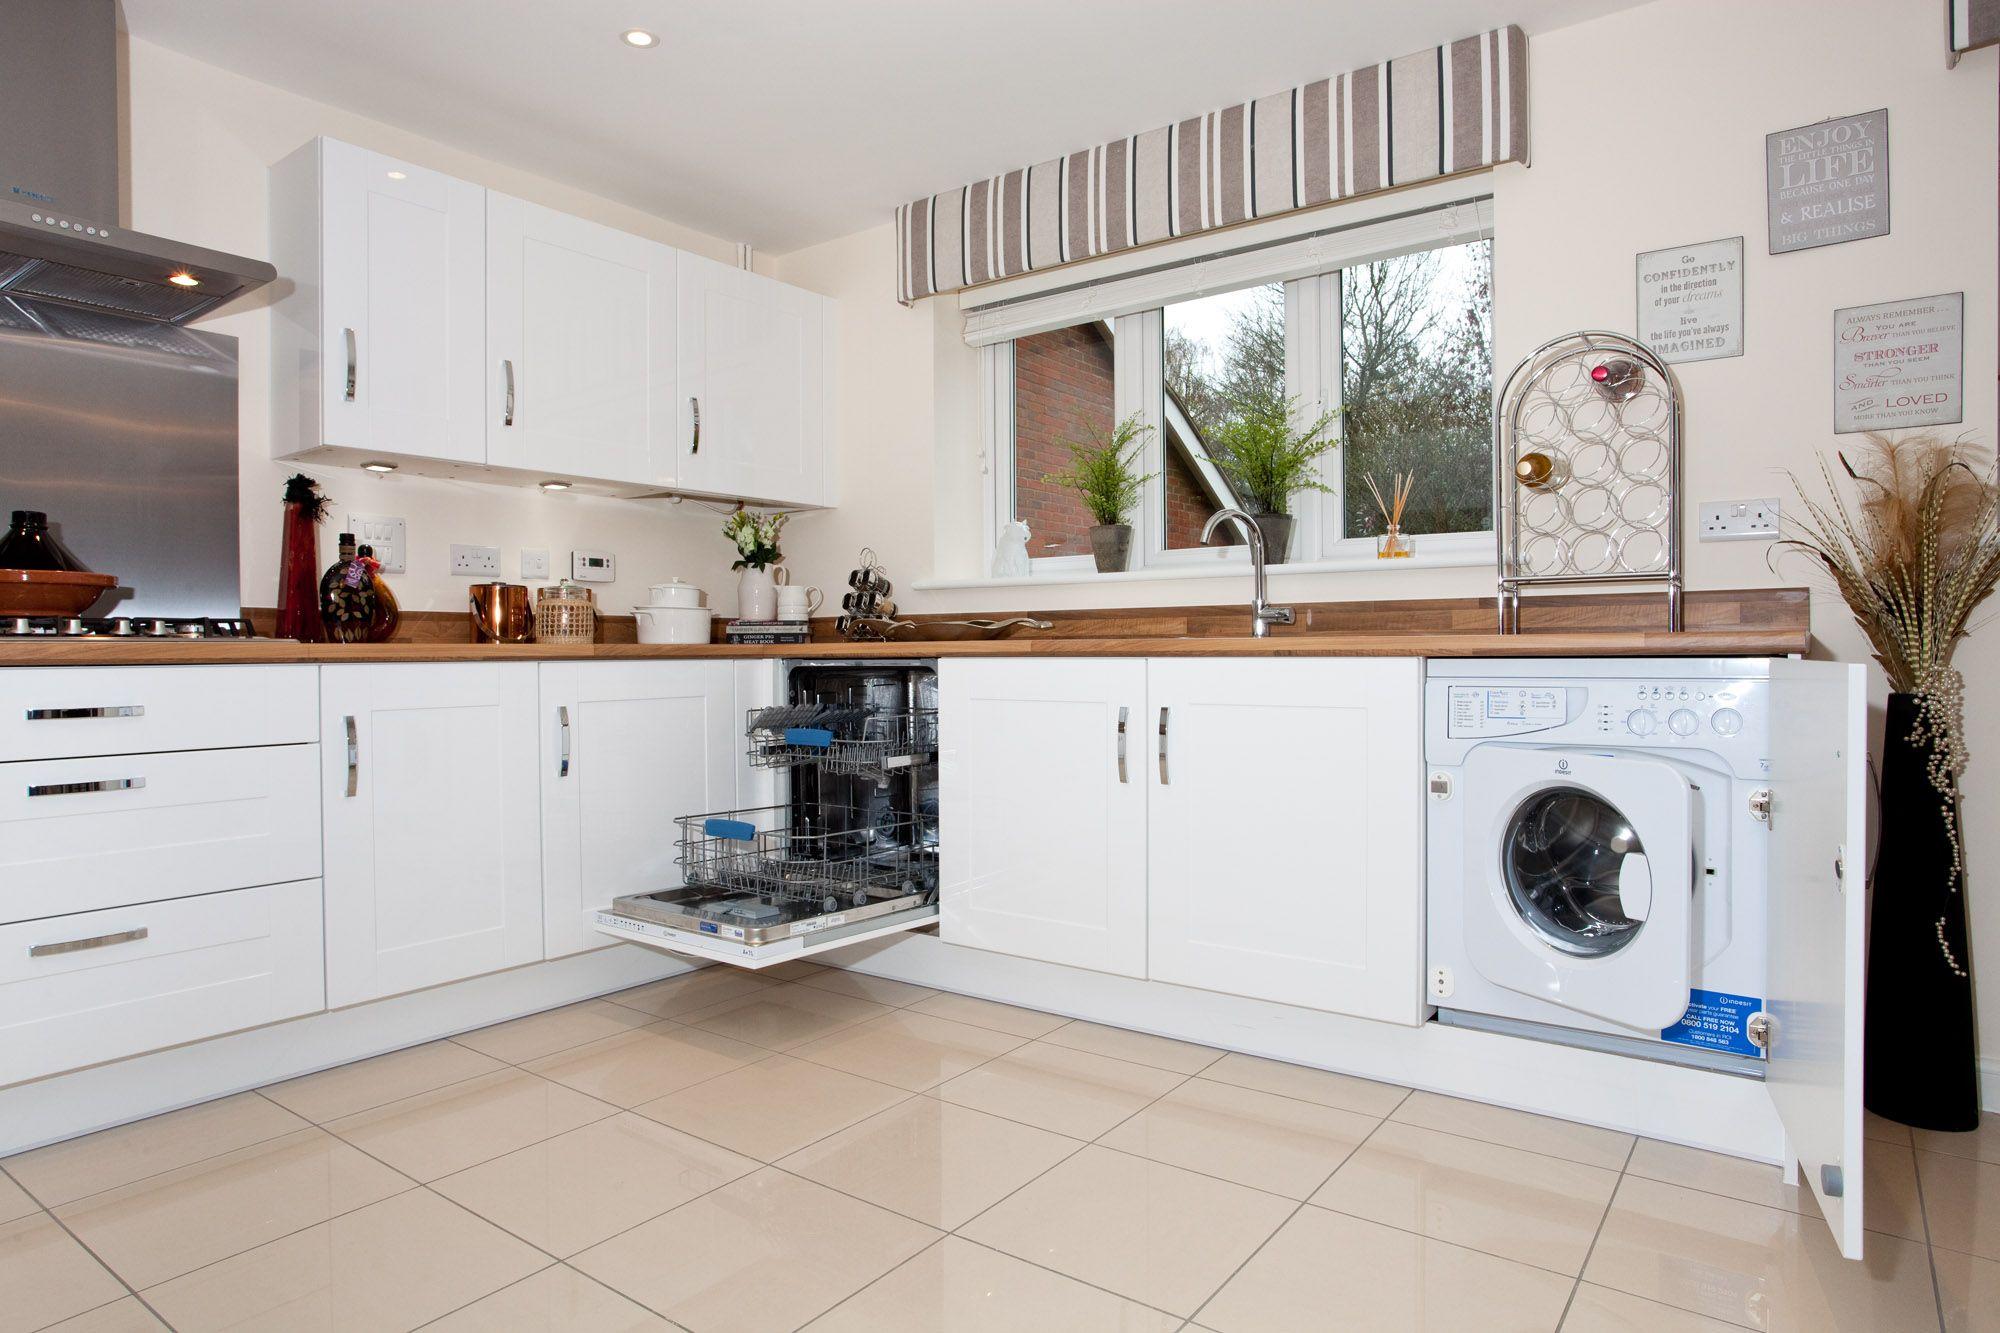 Bathroom Furniture Kitchen Design Milton Keynes the kitchen in walton at whitehouse park milton keynes bovis homes